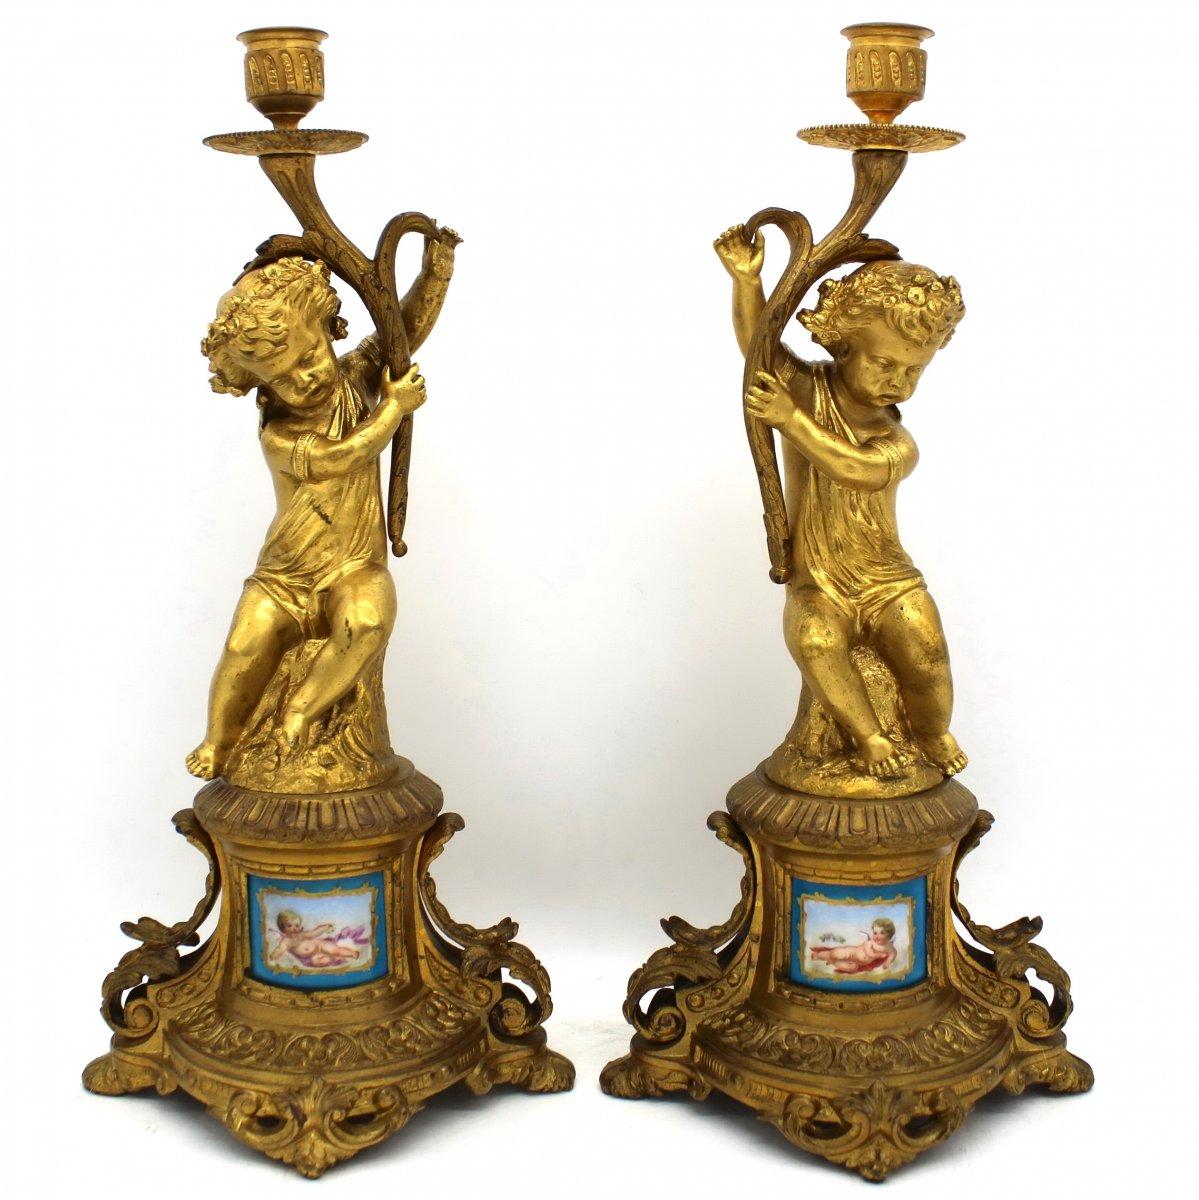 Ancien Paire Chandeliers Candelabres Bougeoirs d'époque Napoleon III Bronze et Porcelaine 19ème